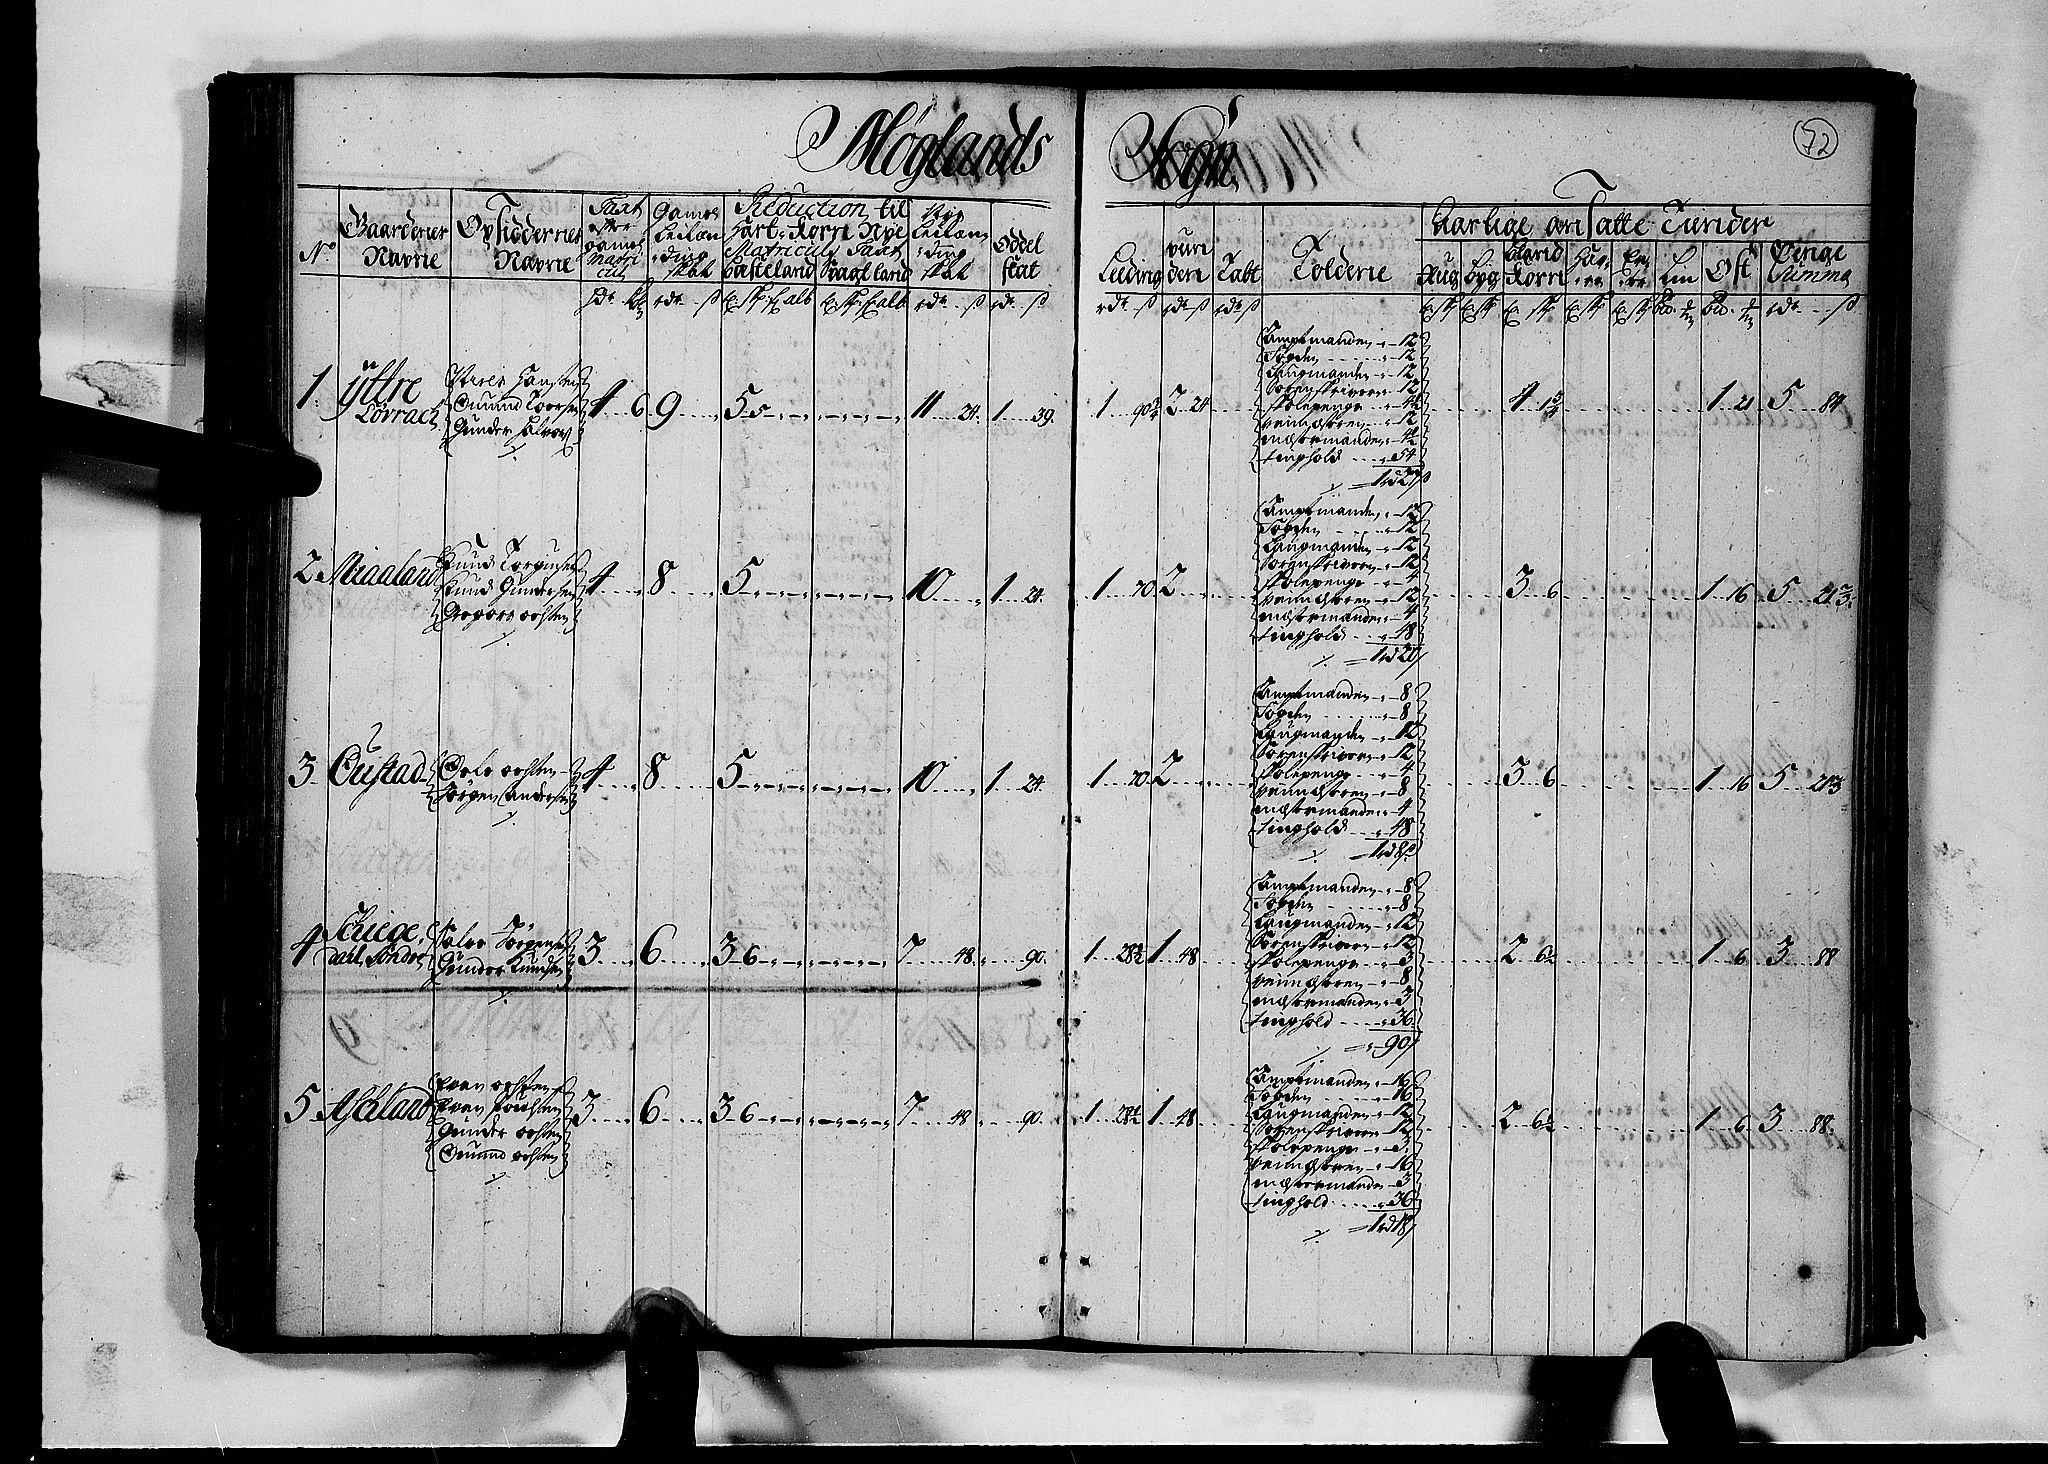 RA, Rentekammeret inntil 1814, Realistisk ordnet avdeling, N/Nb/Nbf/L0126: Råbyggelag matrikkelprotokoll, 1723, s. 71b-72a